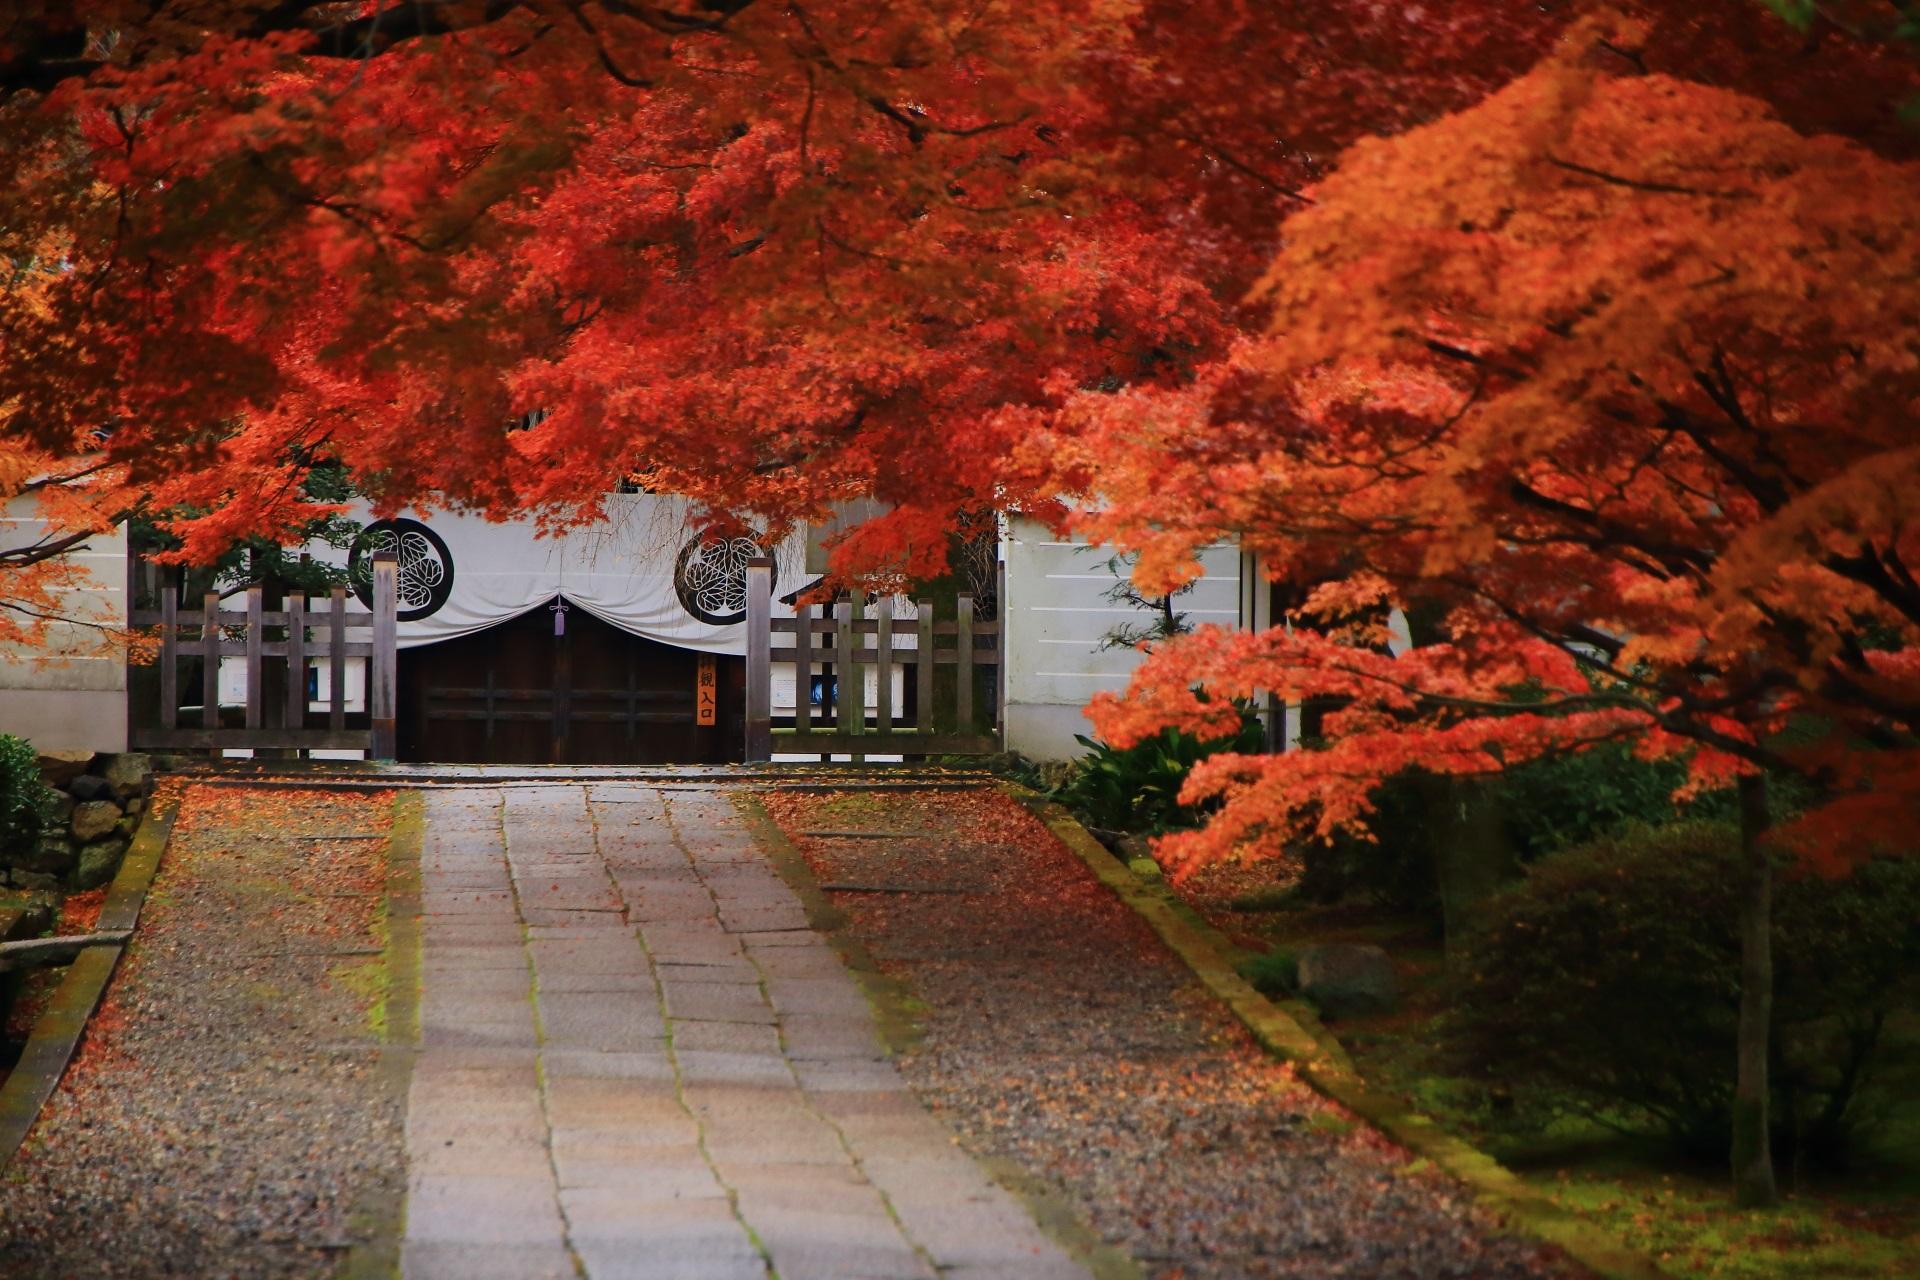 深く色づいた紅葉が華やぐ凛として佇む玄関と風情ある石畳の参道